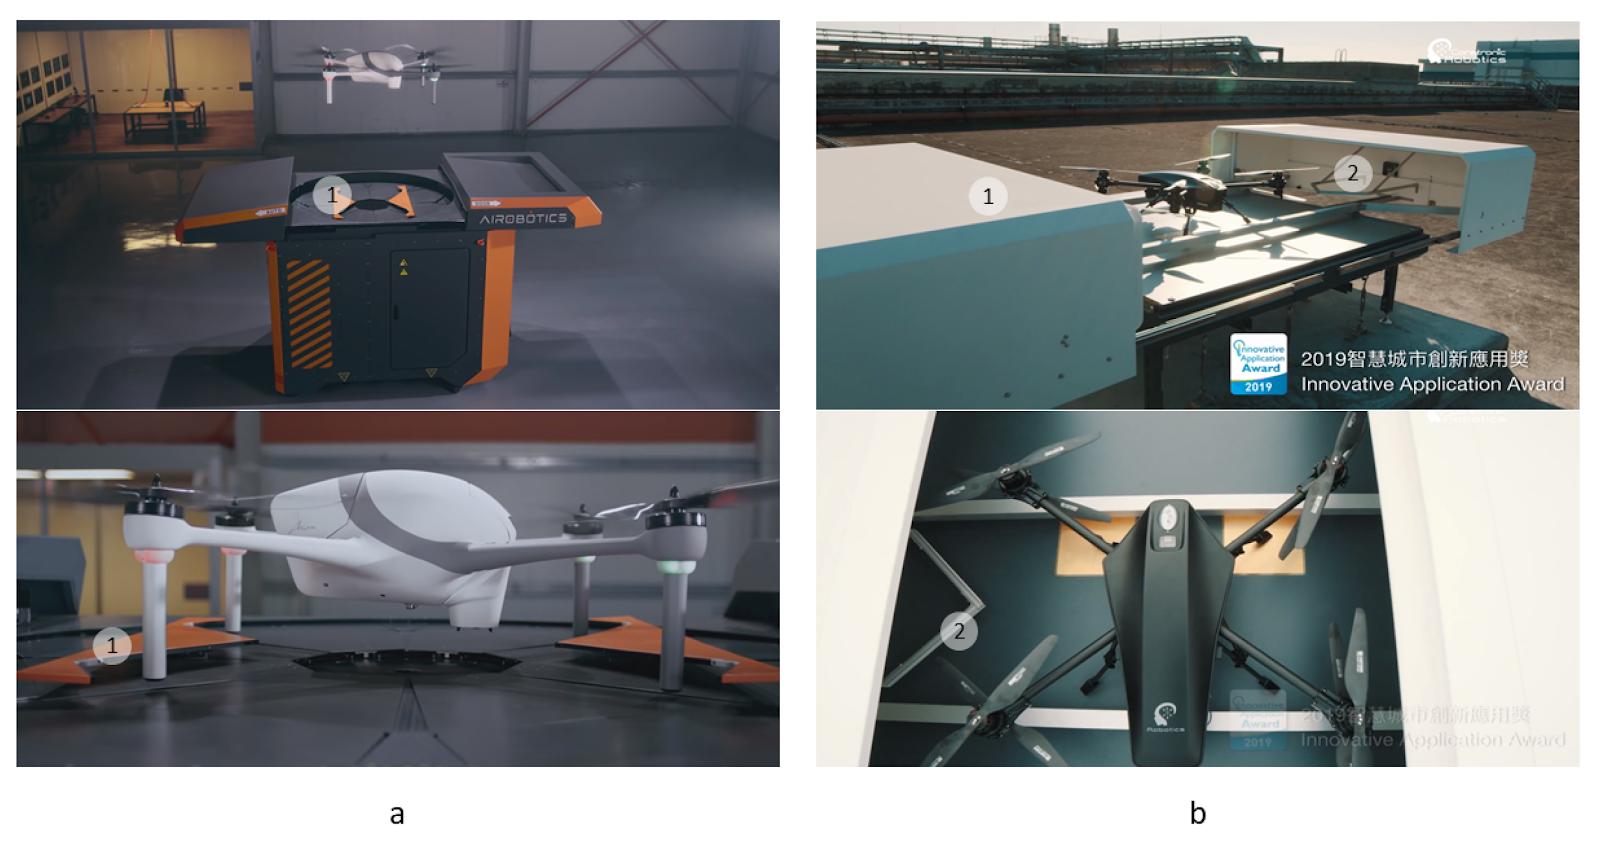 Примеры платформ для БПЛА с V- и W-образными толкателями. (a), станция Airobotics с параллельными W-образными толкателями (1); (b), станция Coretronic Intelligent Robotics (CIRC) с V-образными толкателями (2), интегрированными с крышками (1)